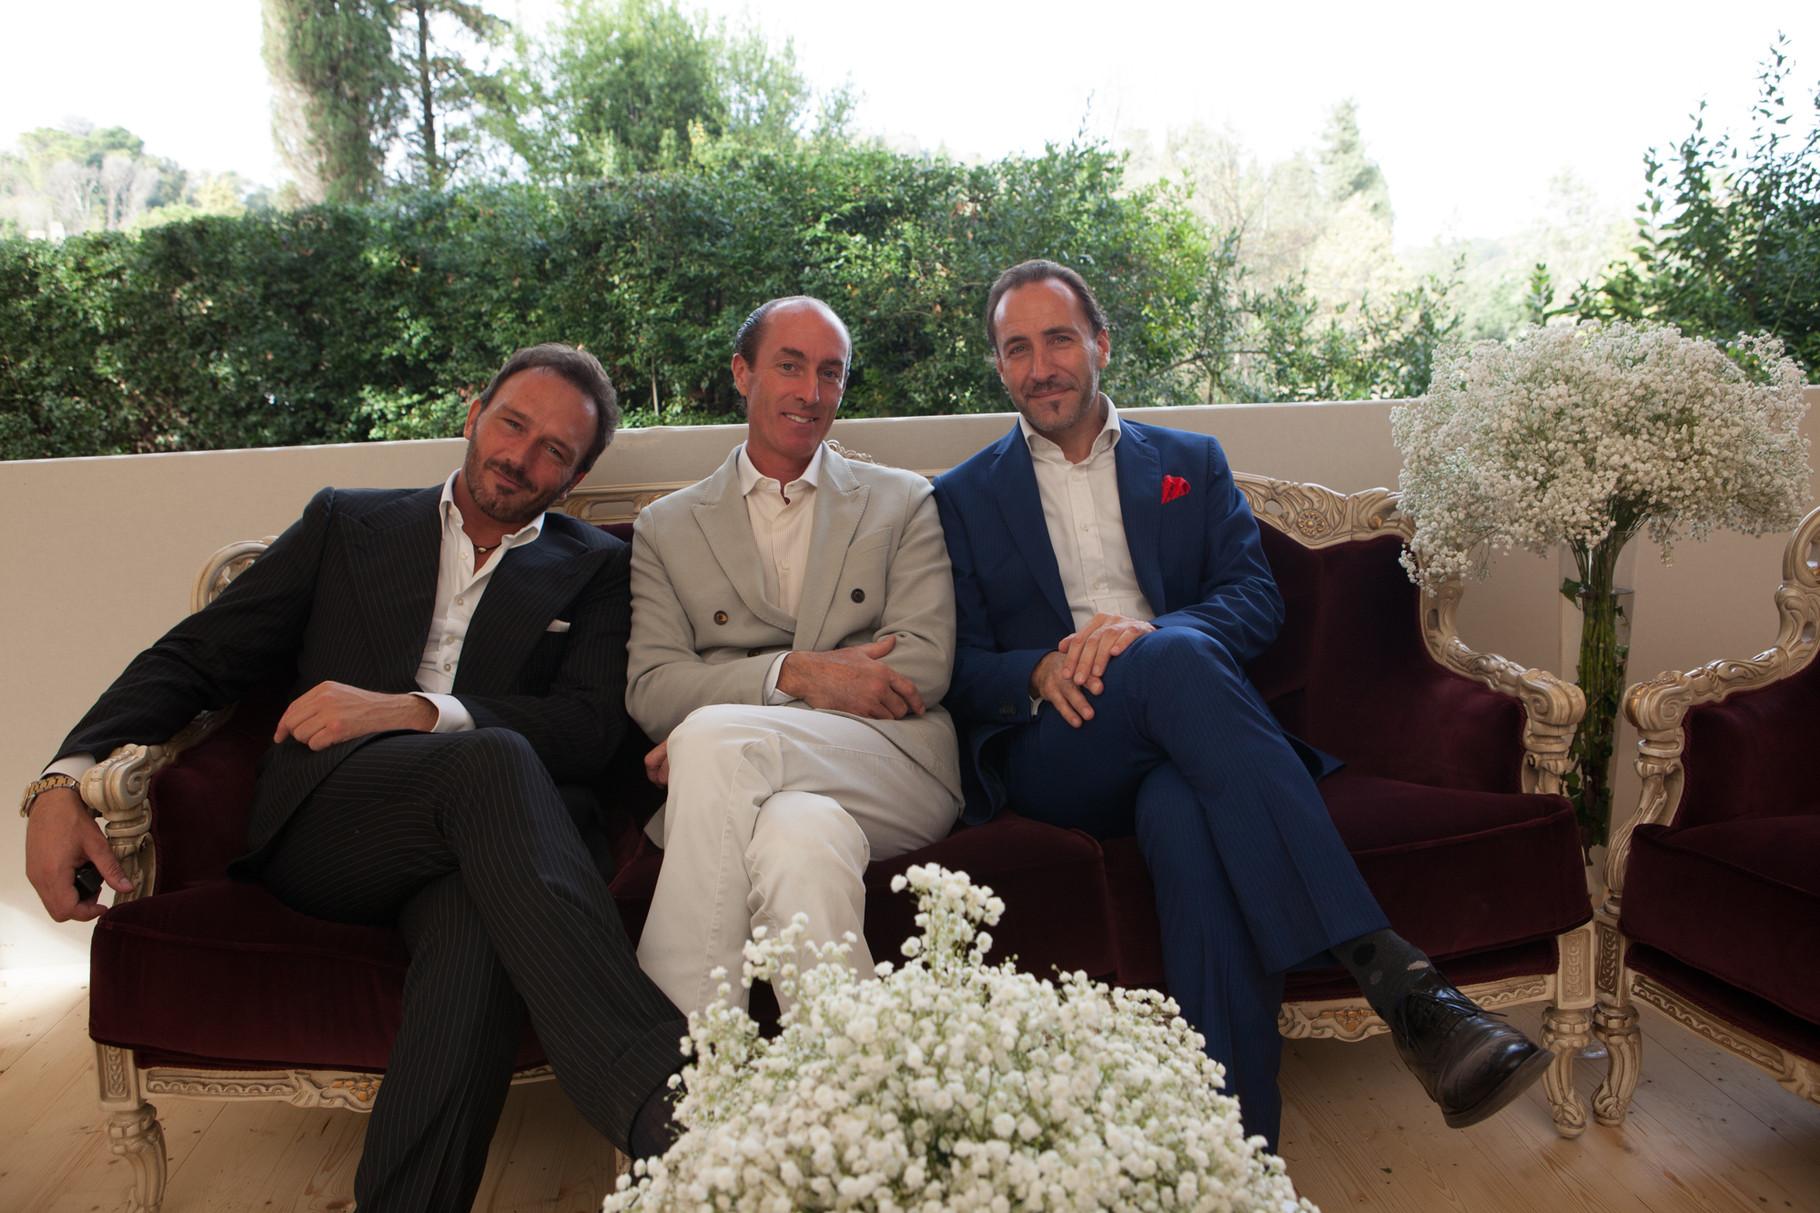 Borgo Boncompagni Ludovisi - gli organizzatori del catering con il Principe Francesco Maria Boncompagni Ludovisi